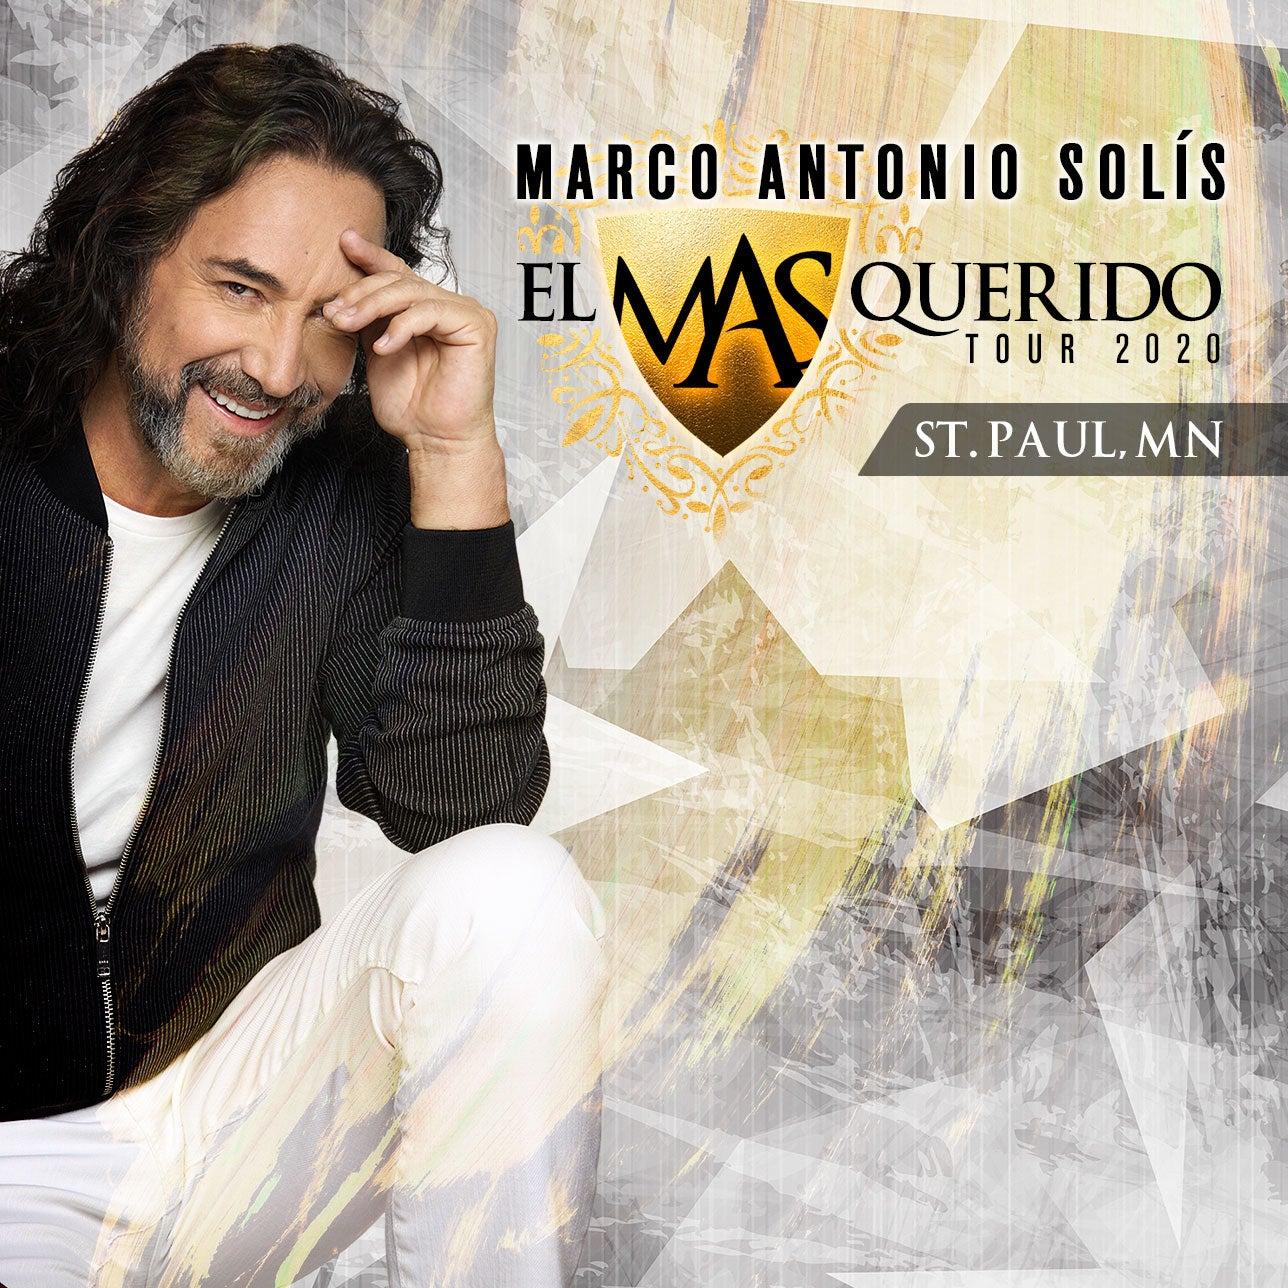 Canceled - Marco Antonio Solís